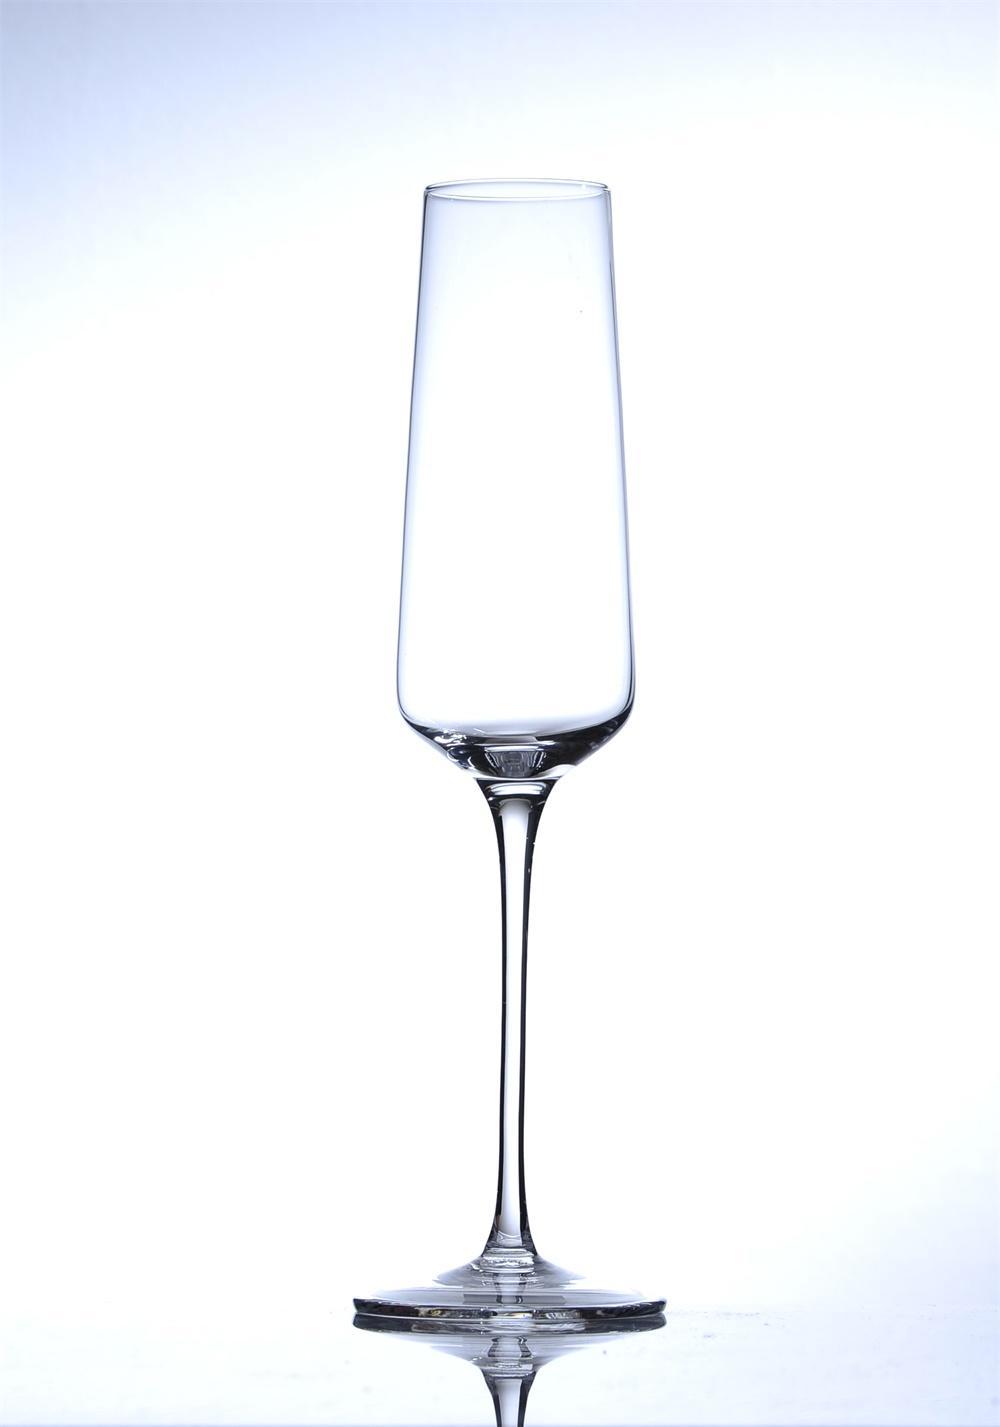 水晶香槟杯 1